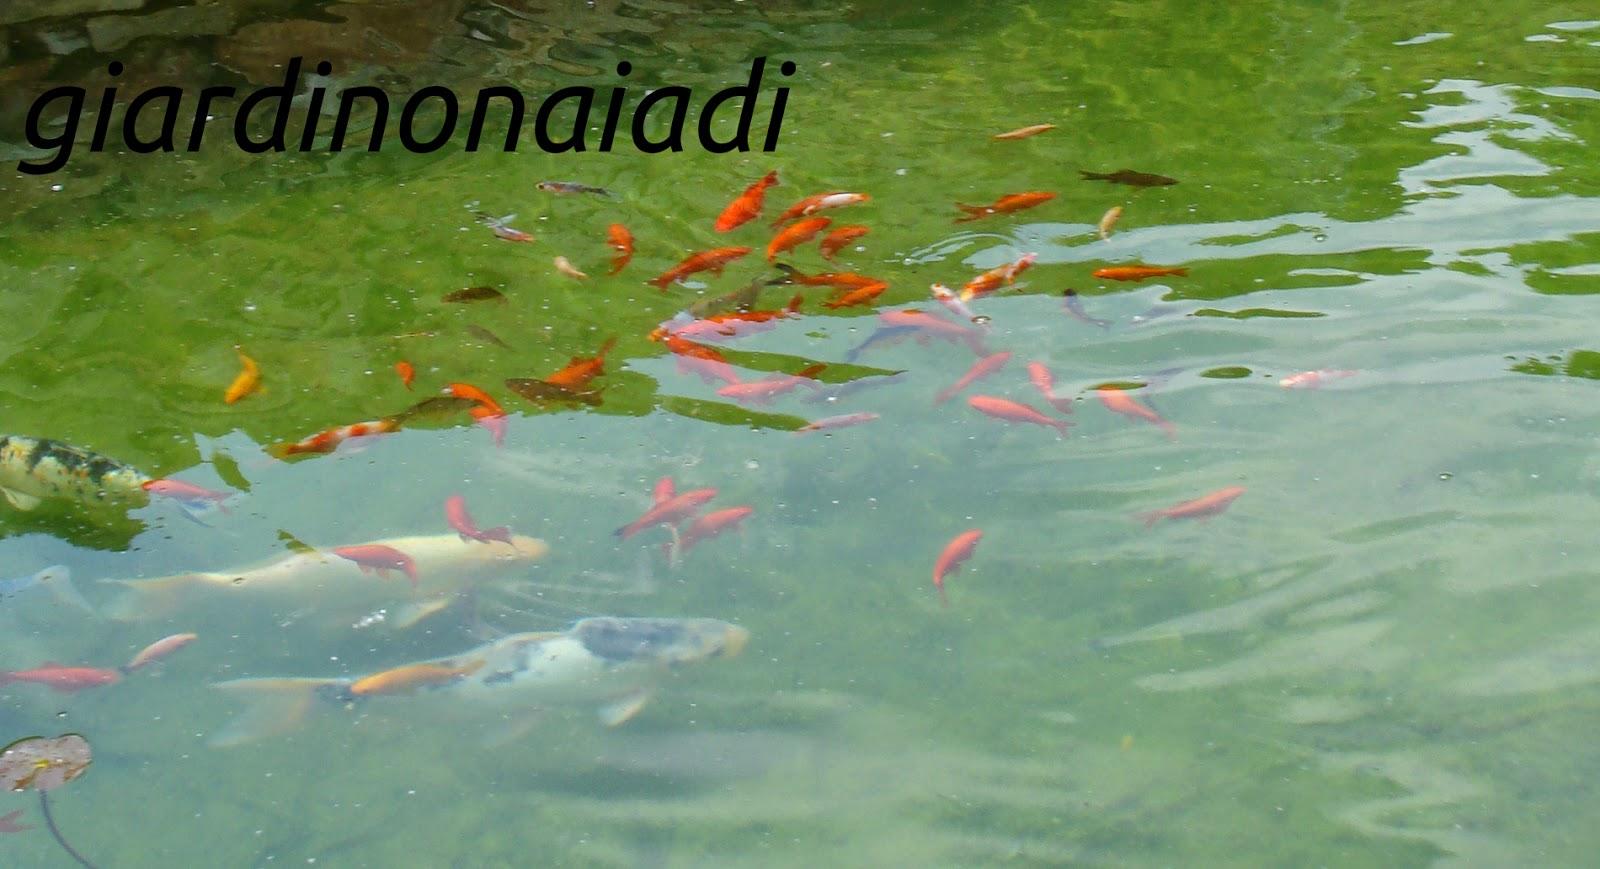 Il giardino delle naiadi aprile pulizie nel laghetto for Acqua verde laghetto